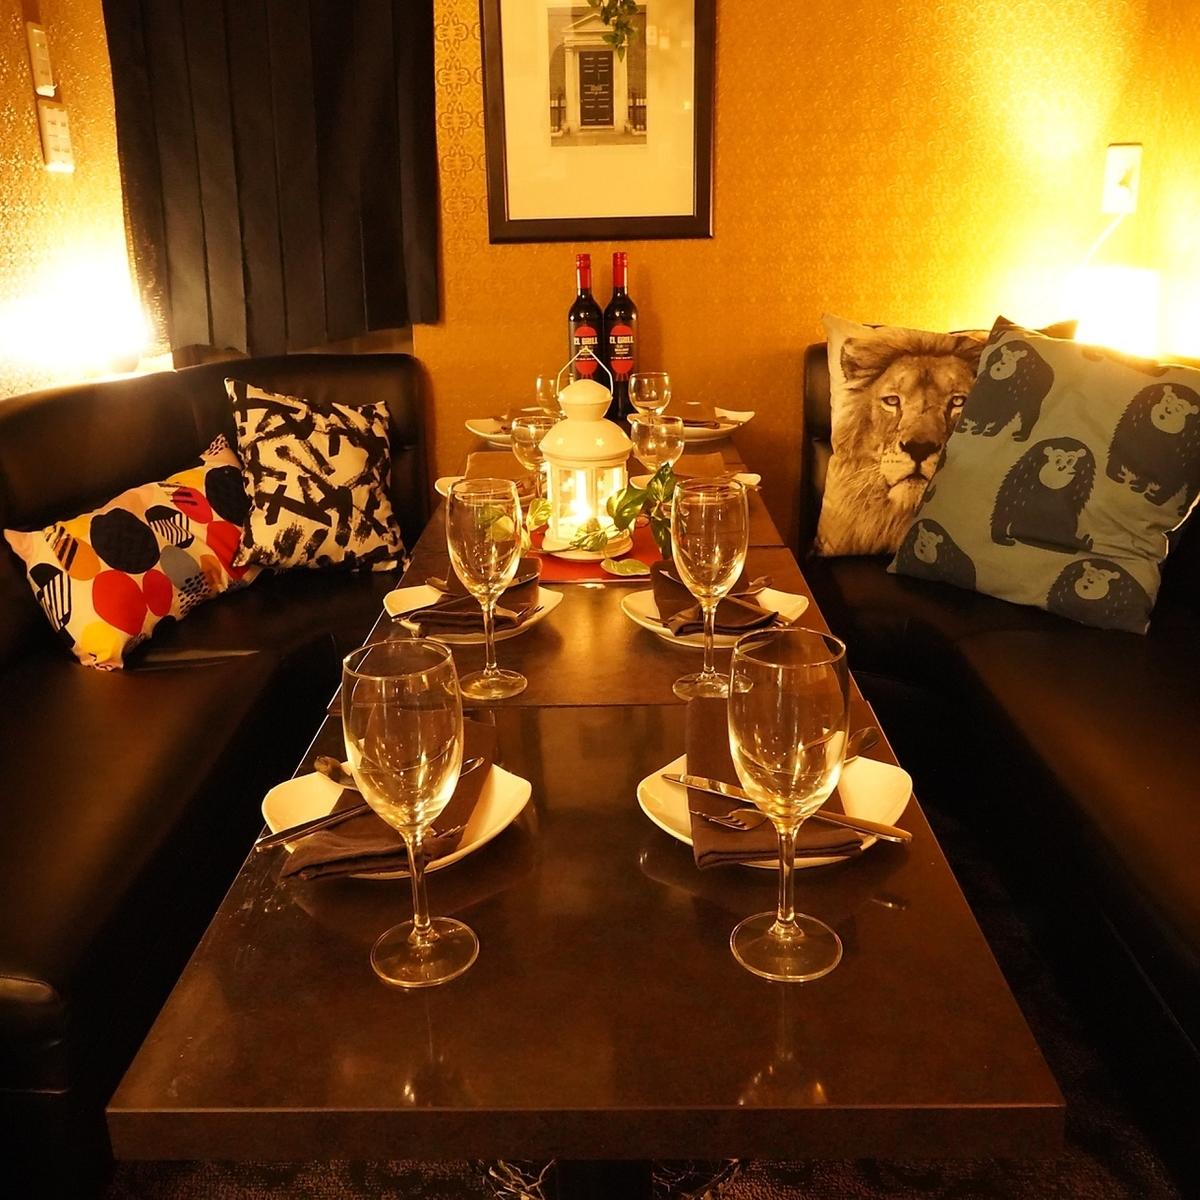 ゆったり個室空間なので周りを気にせず楽しめるのも魅力♪大人気の飲み放題付きコースはリーズナブルに3000円台からご用意しております☆